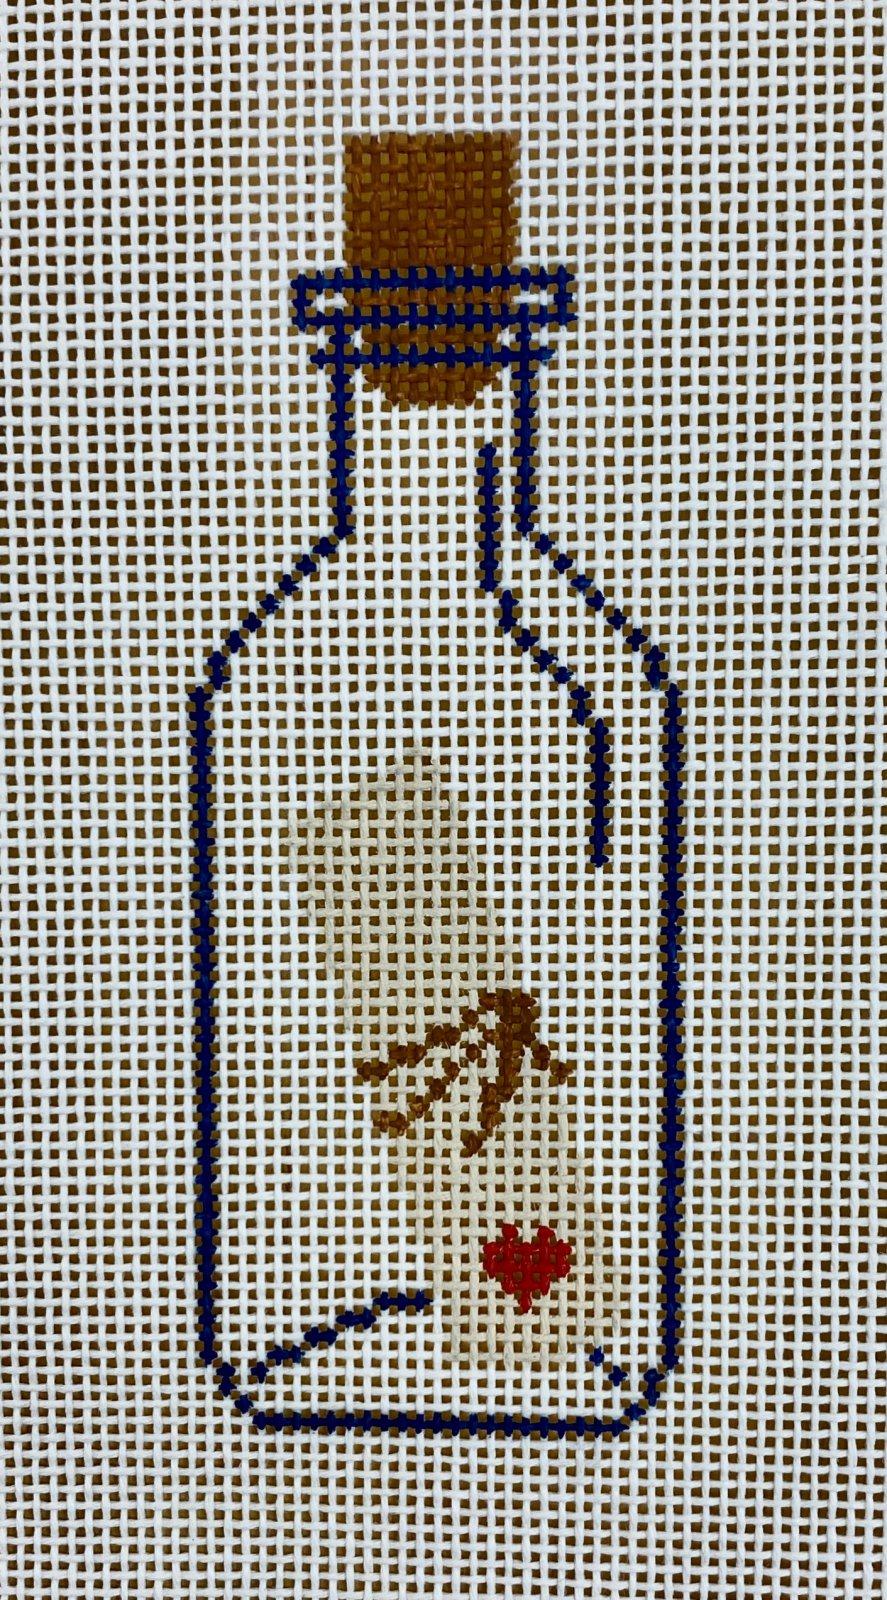 love letter in a bottle